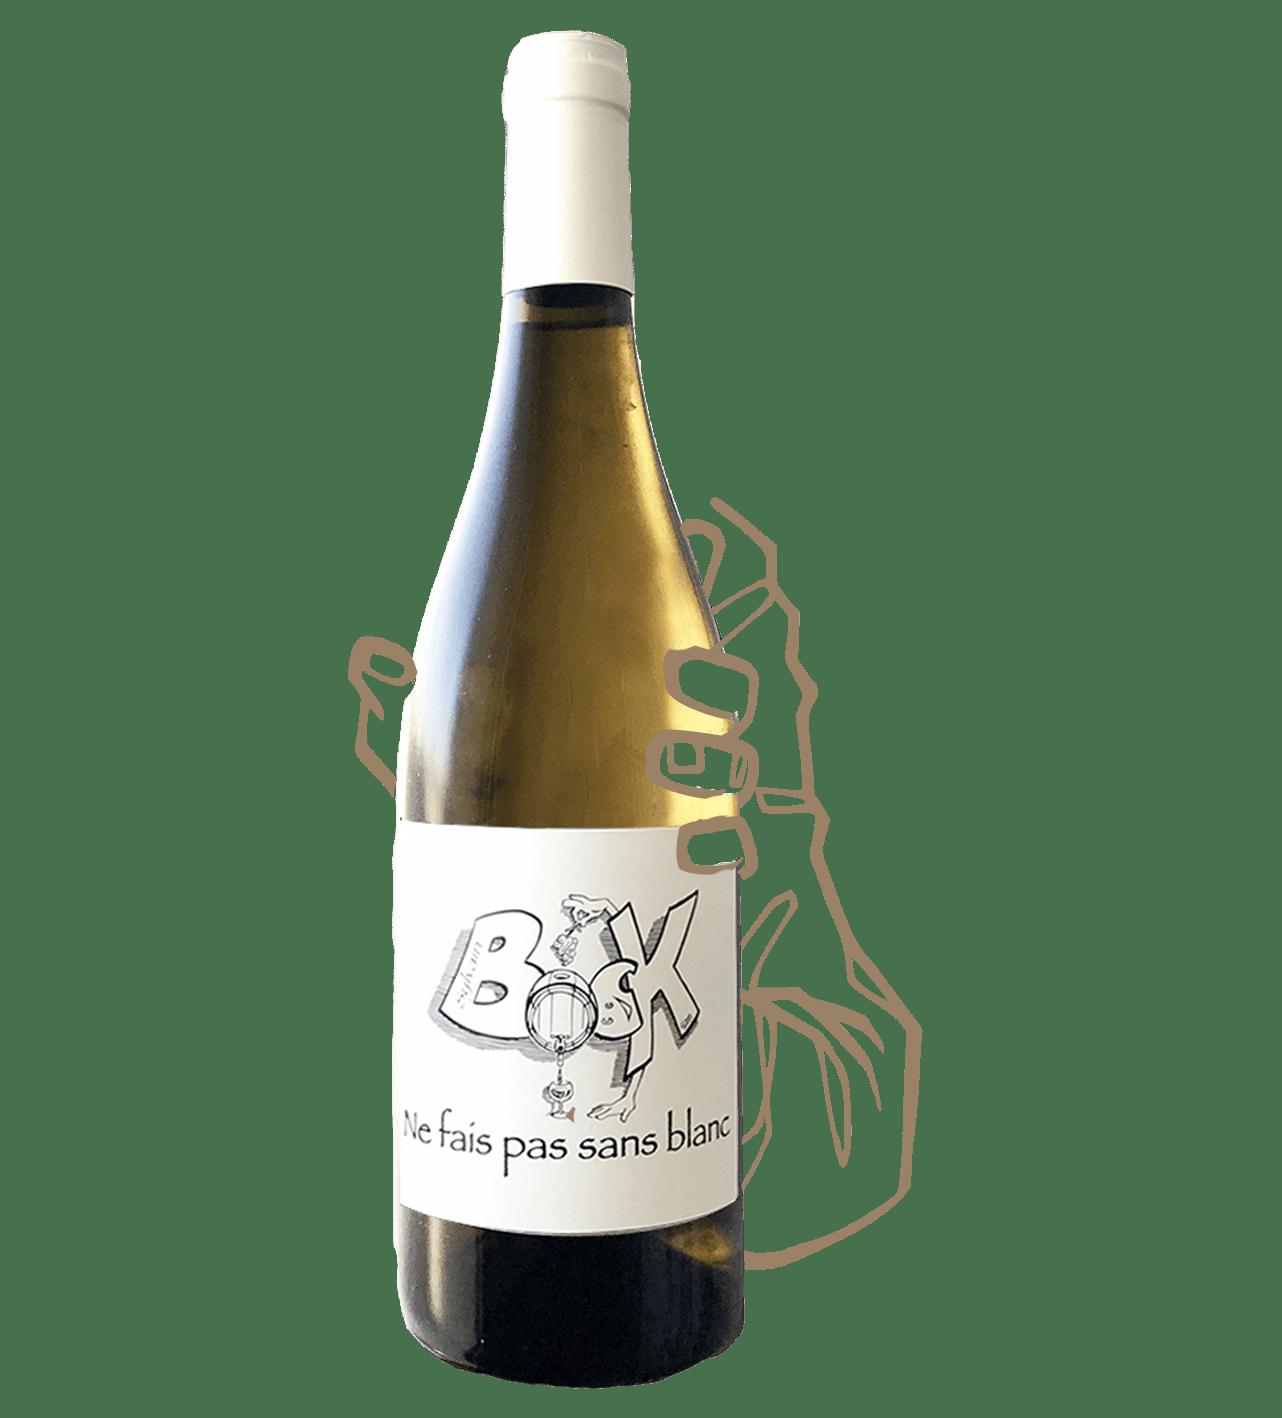 ne fais pas sans blanc est un vin blanc naturel sans sulfite ajouté de sylvain bock